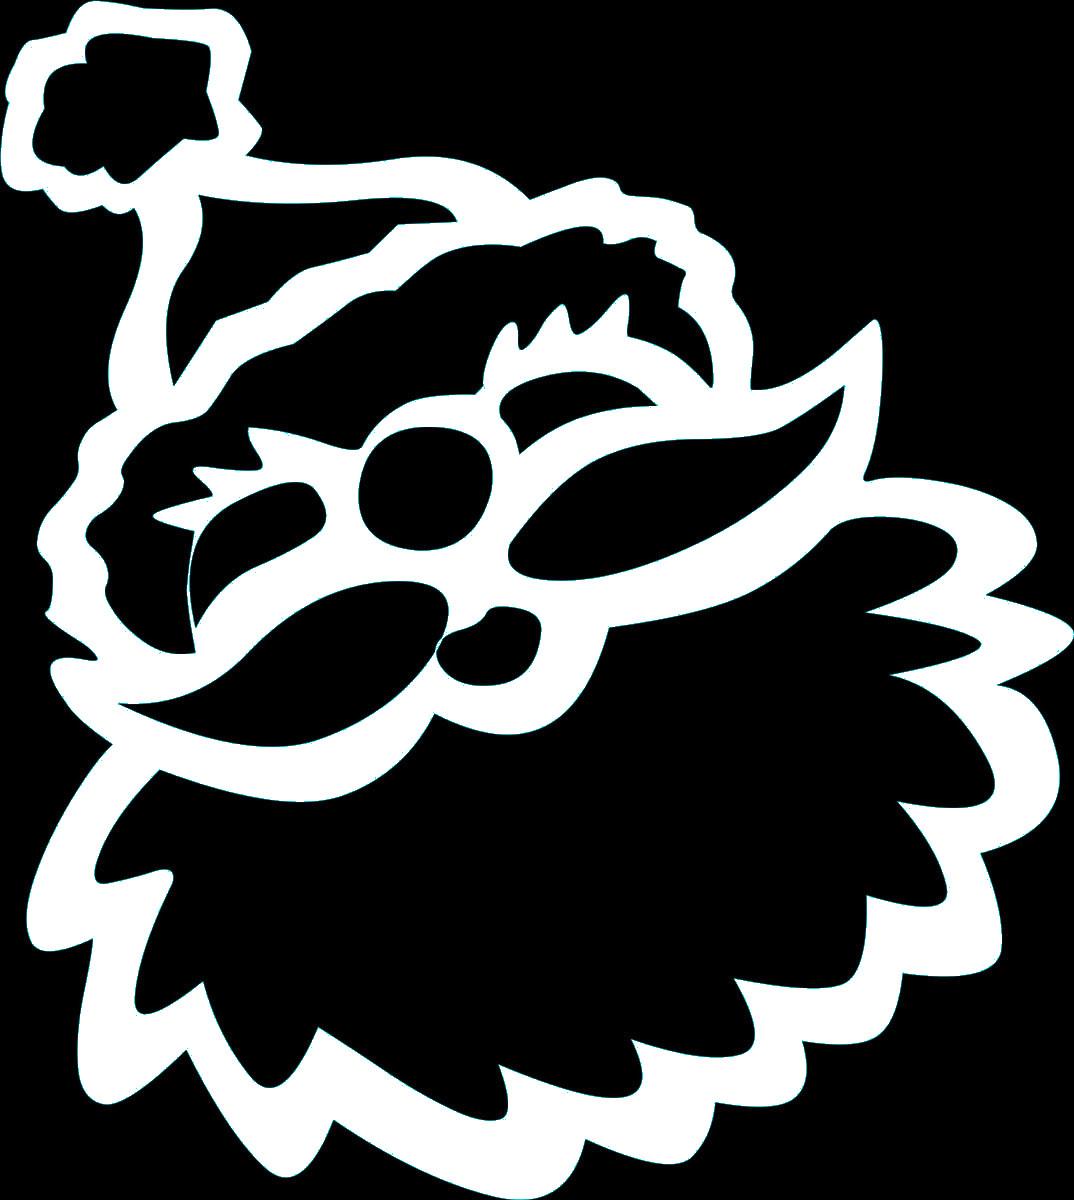 Наклейка автомобильная Оранжевый слоник Лицо Деда Мороза, виниловая, цвет: белыйCA-3505Оригинальная наклейка Оранжевый слоник Лицо Деда Мороза изготовлена из высококачественной виниловой пленки, которая выполняет не только декоративную функцию, но и защищает кузов автомобиля от небольших механических повреждений, либо скрывает уже существующие.Виниловые наклейки на автомобиль - это не только красиво, но еще и быстро! Всего за несколько минут вы можете полностью преобразить свой автомобиль, сделать его ярким, необычным, особенным и неповторимым!